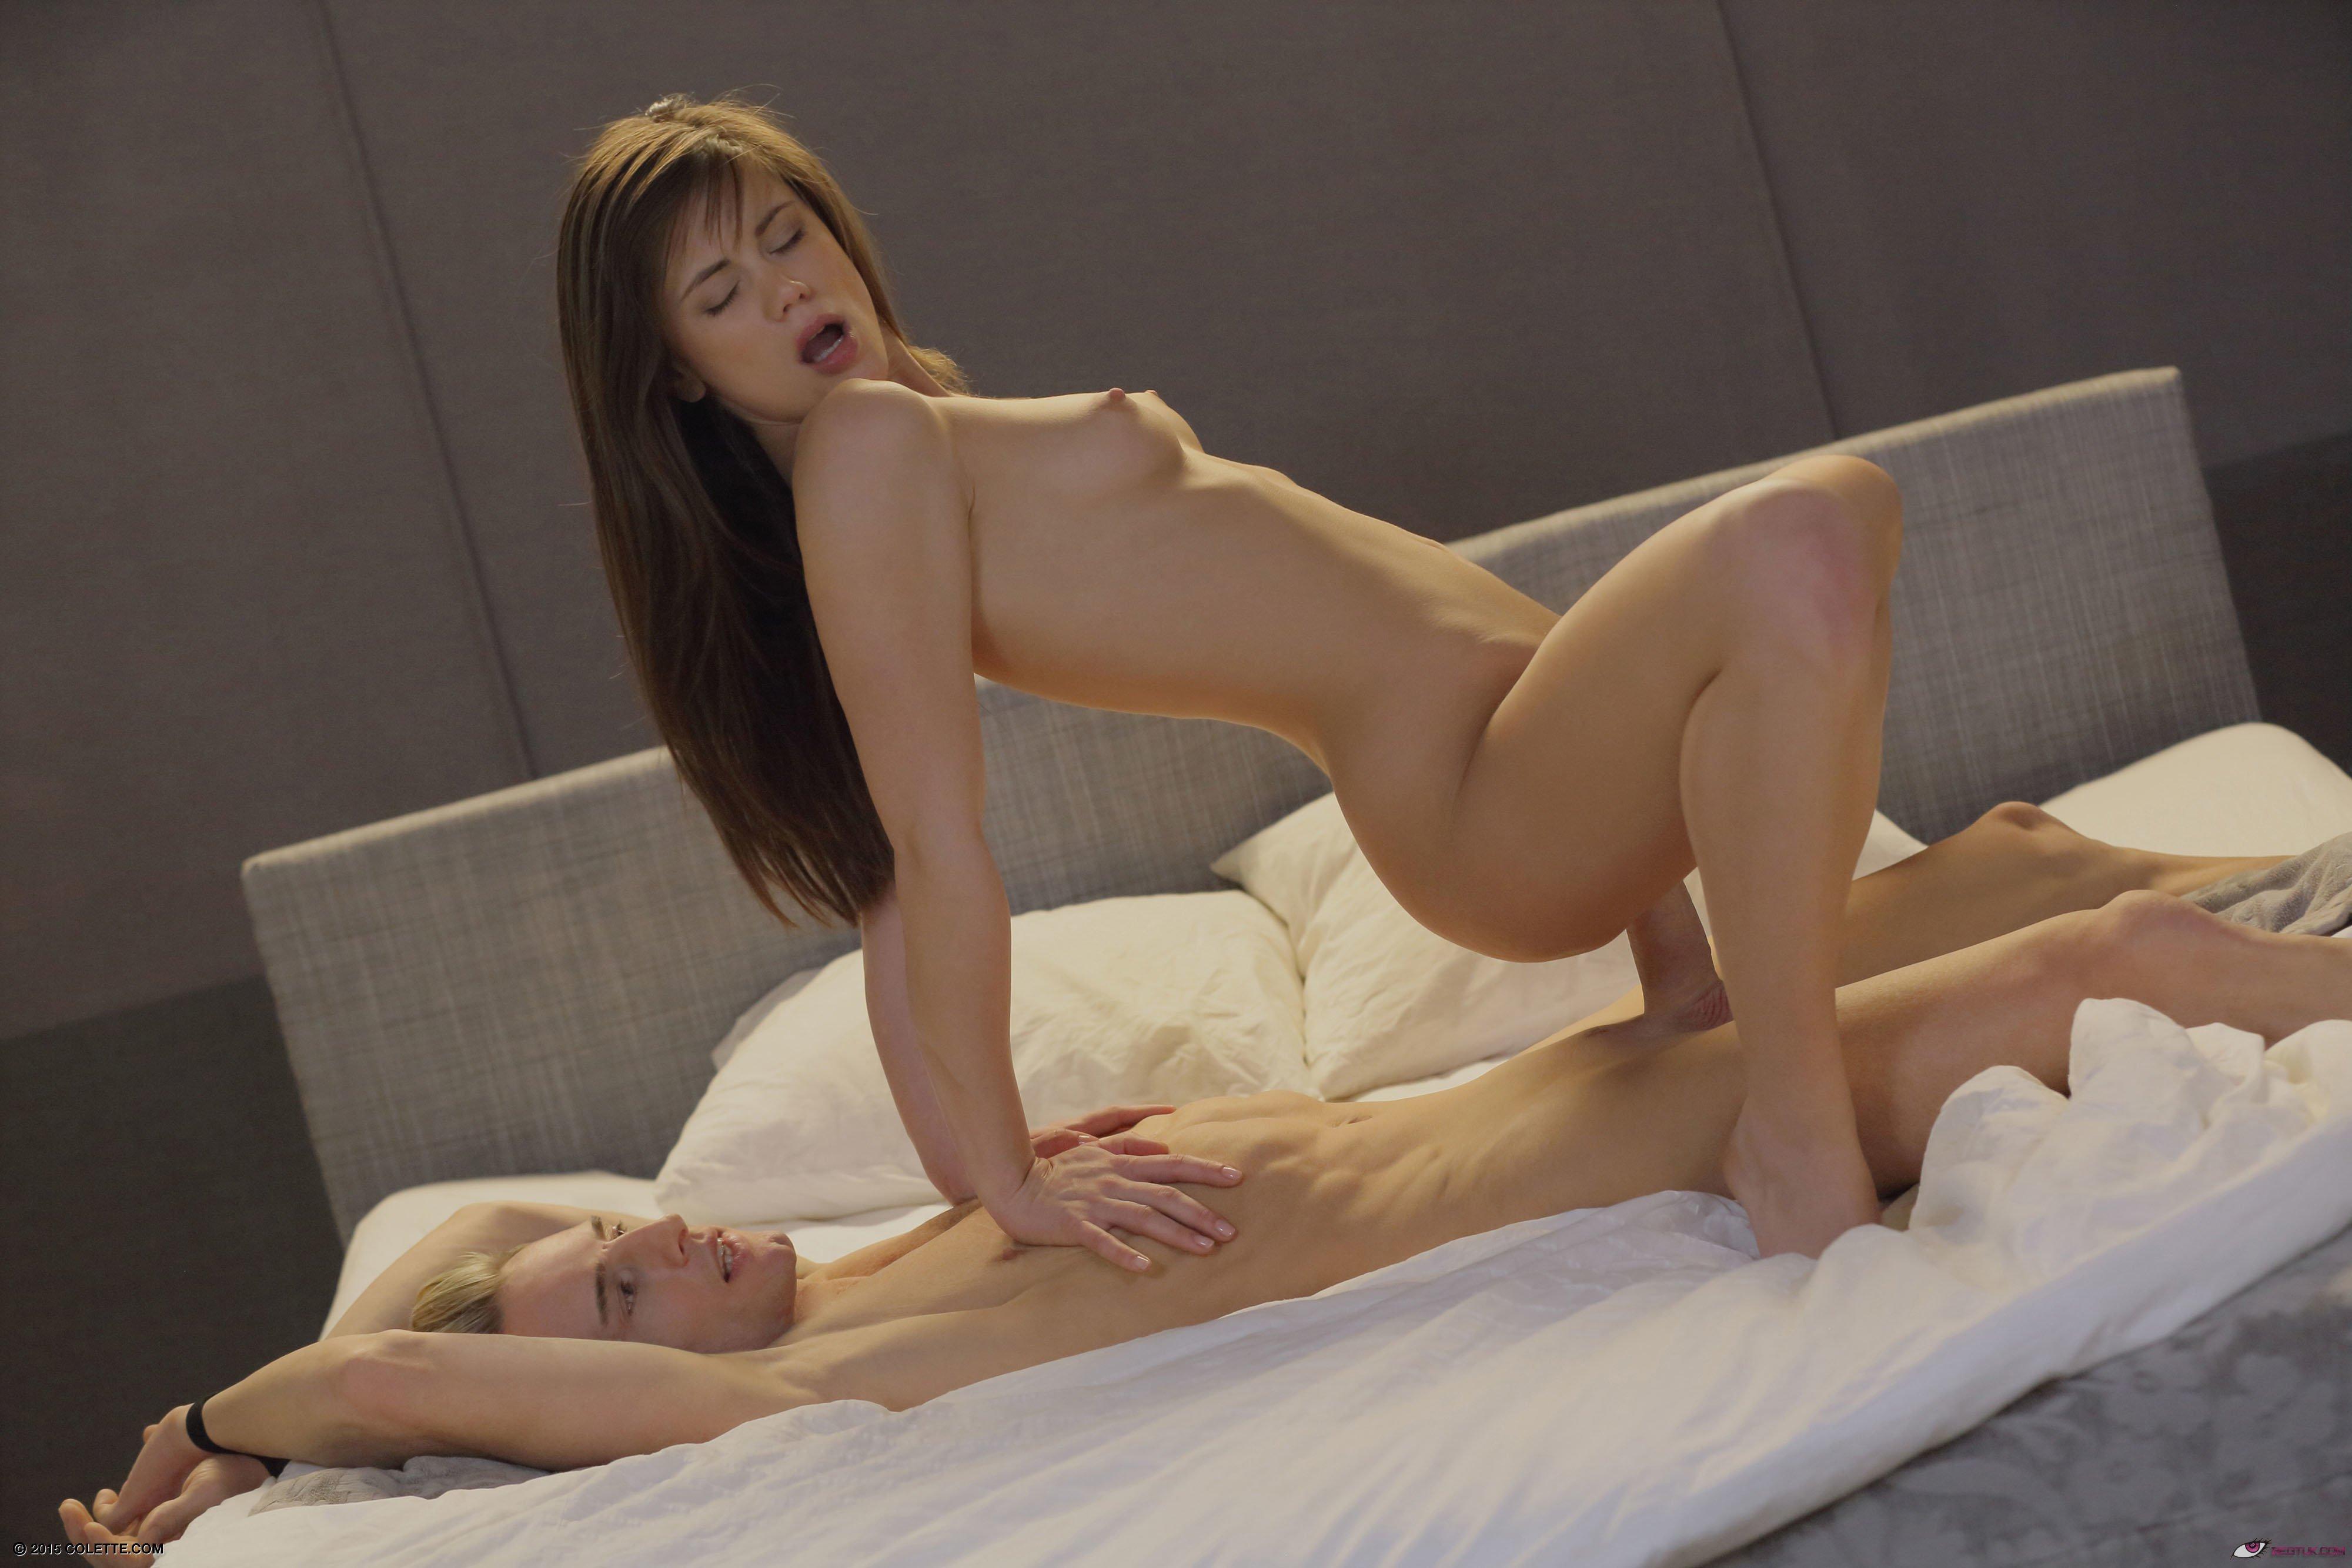 woman having orgasm nude